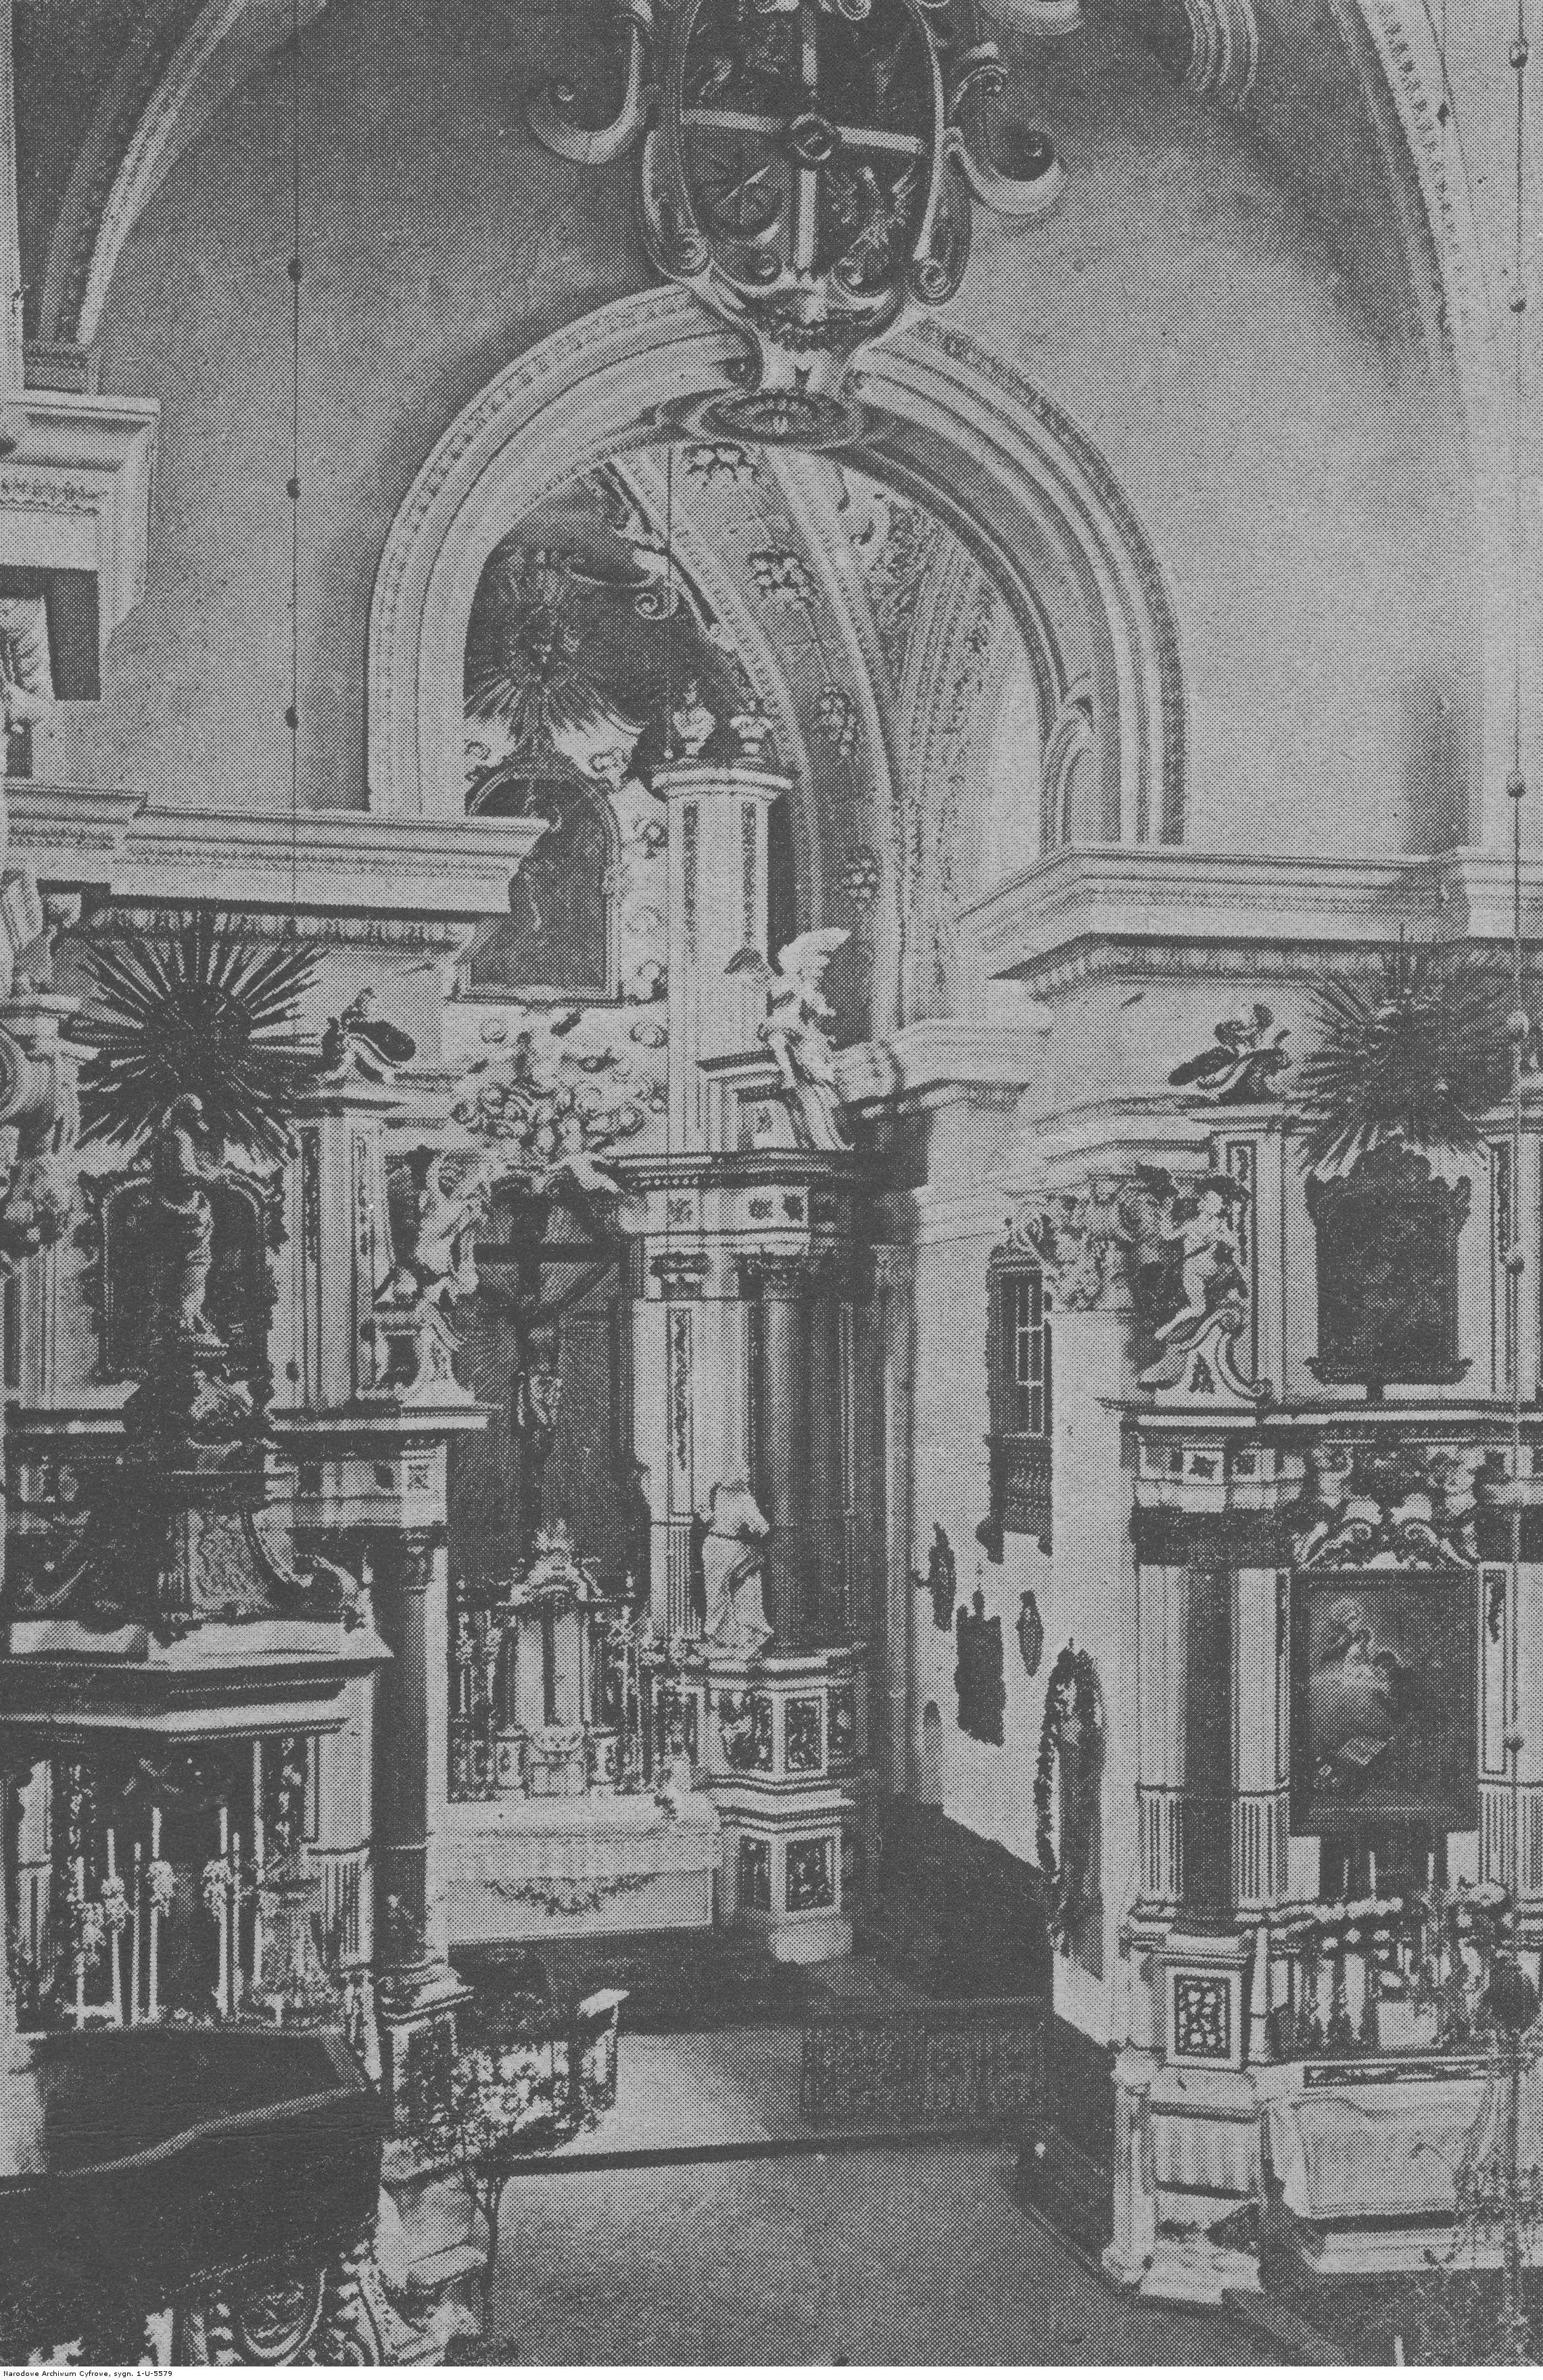 Wnętrze kościoła Pijarów w Rzeszowie. Ołtarz główny i ołtarz boczny św. Stanisława Kostki, rok 1918-1939